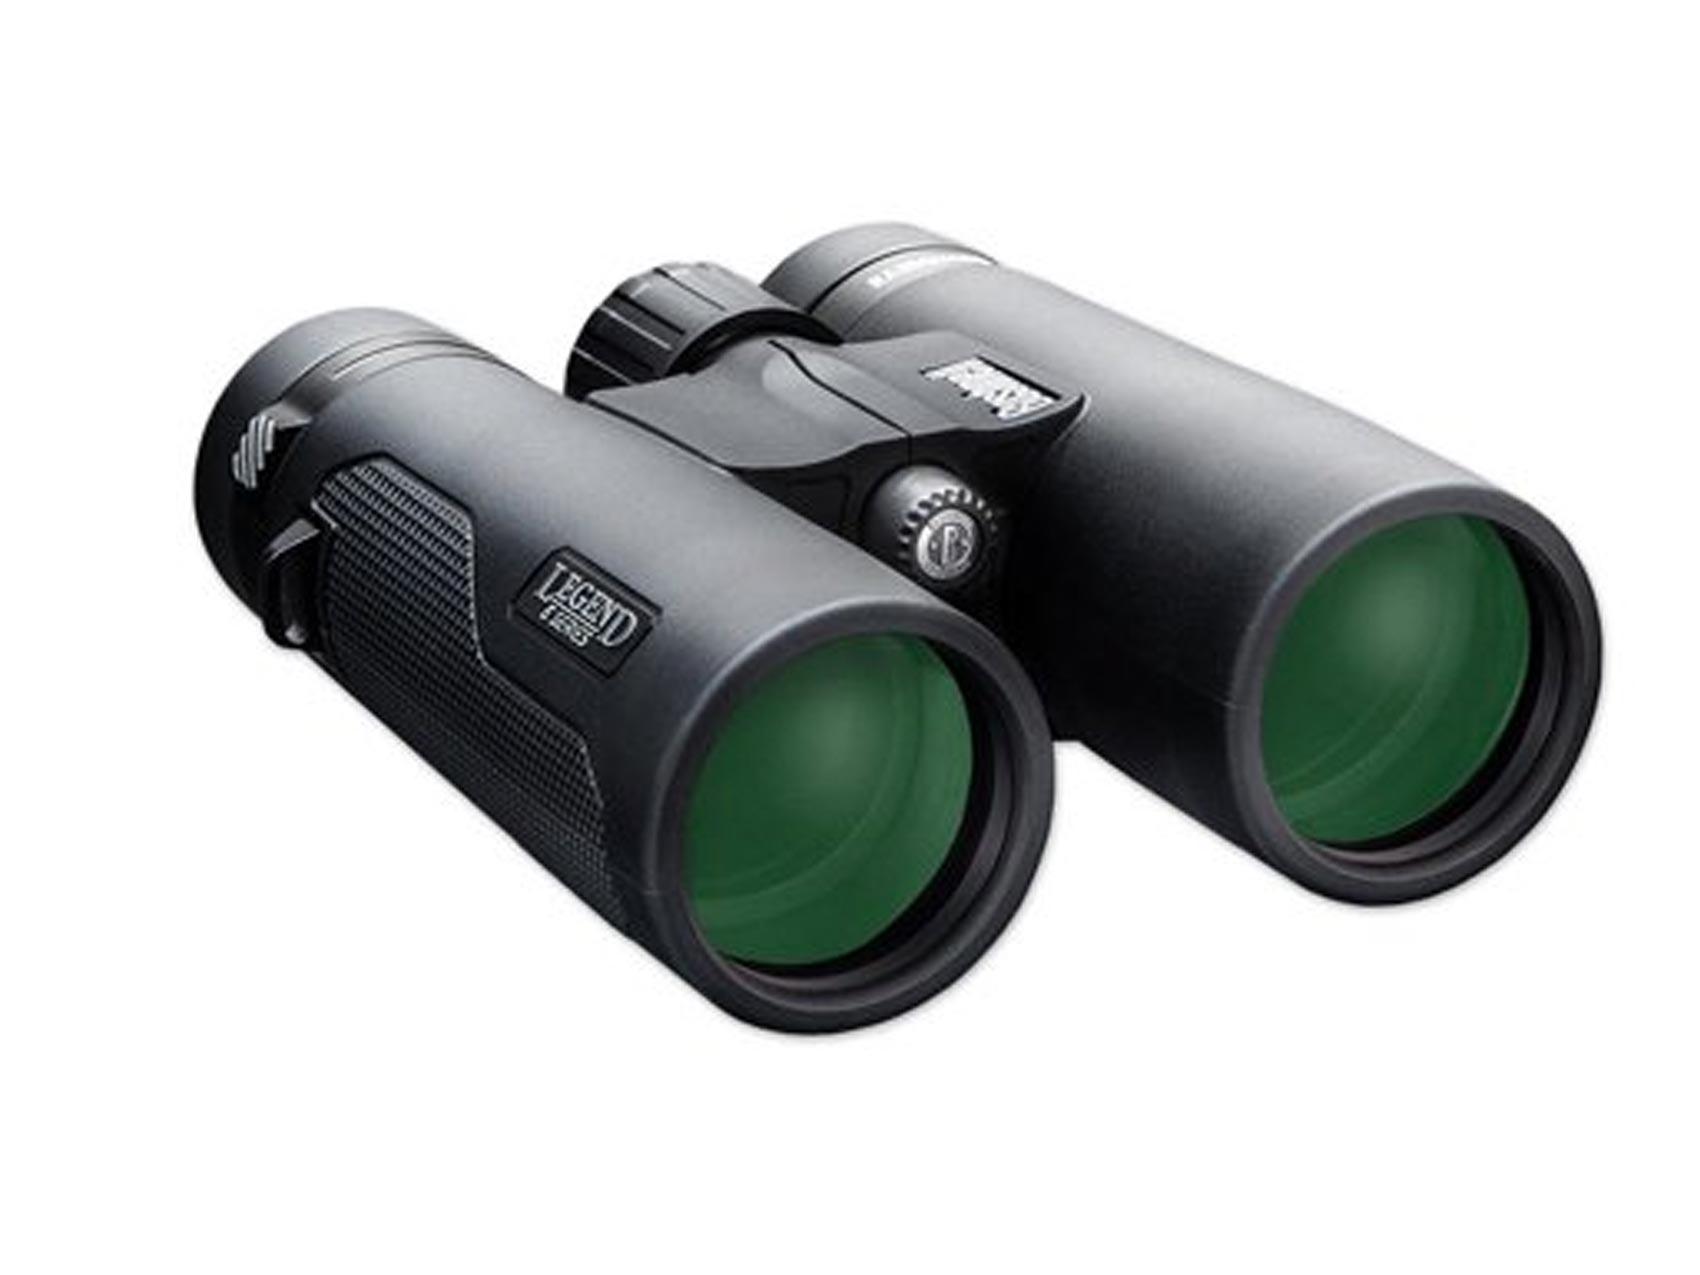 Bushnell Legend Series binoculars